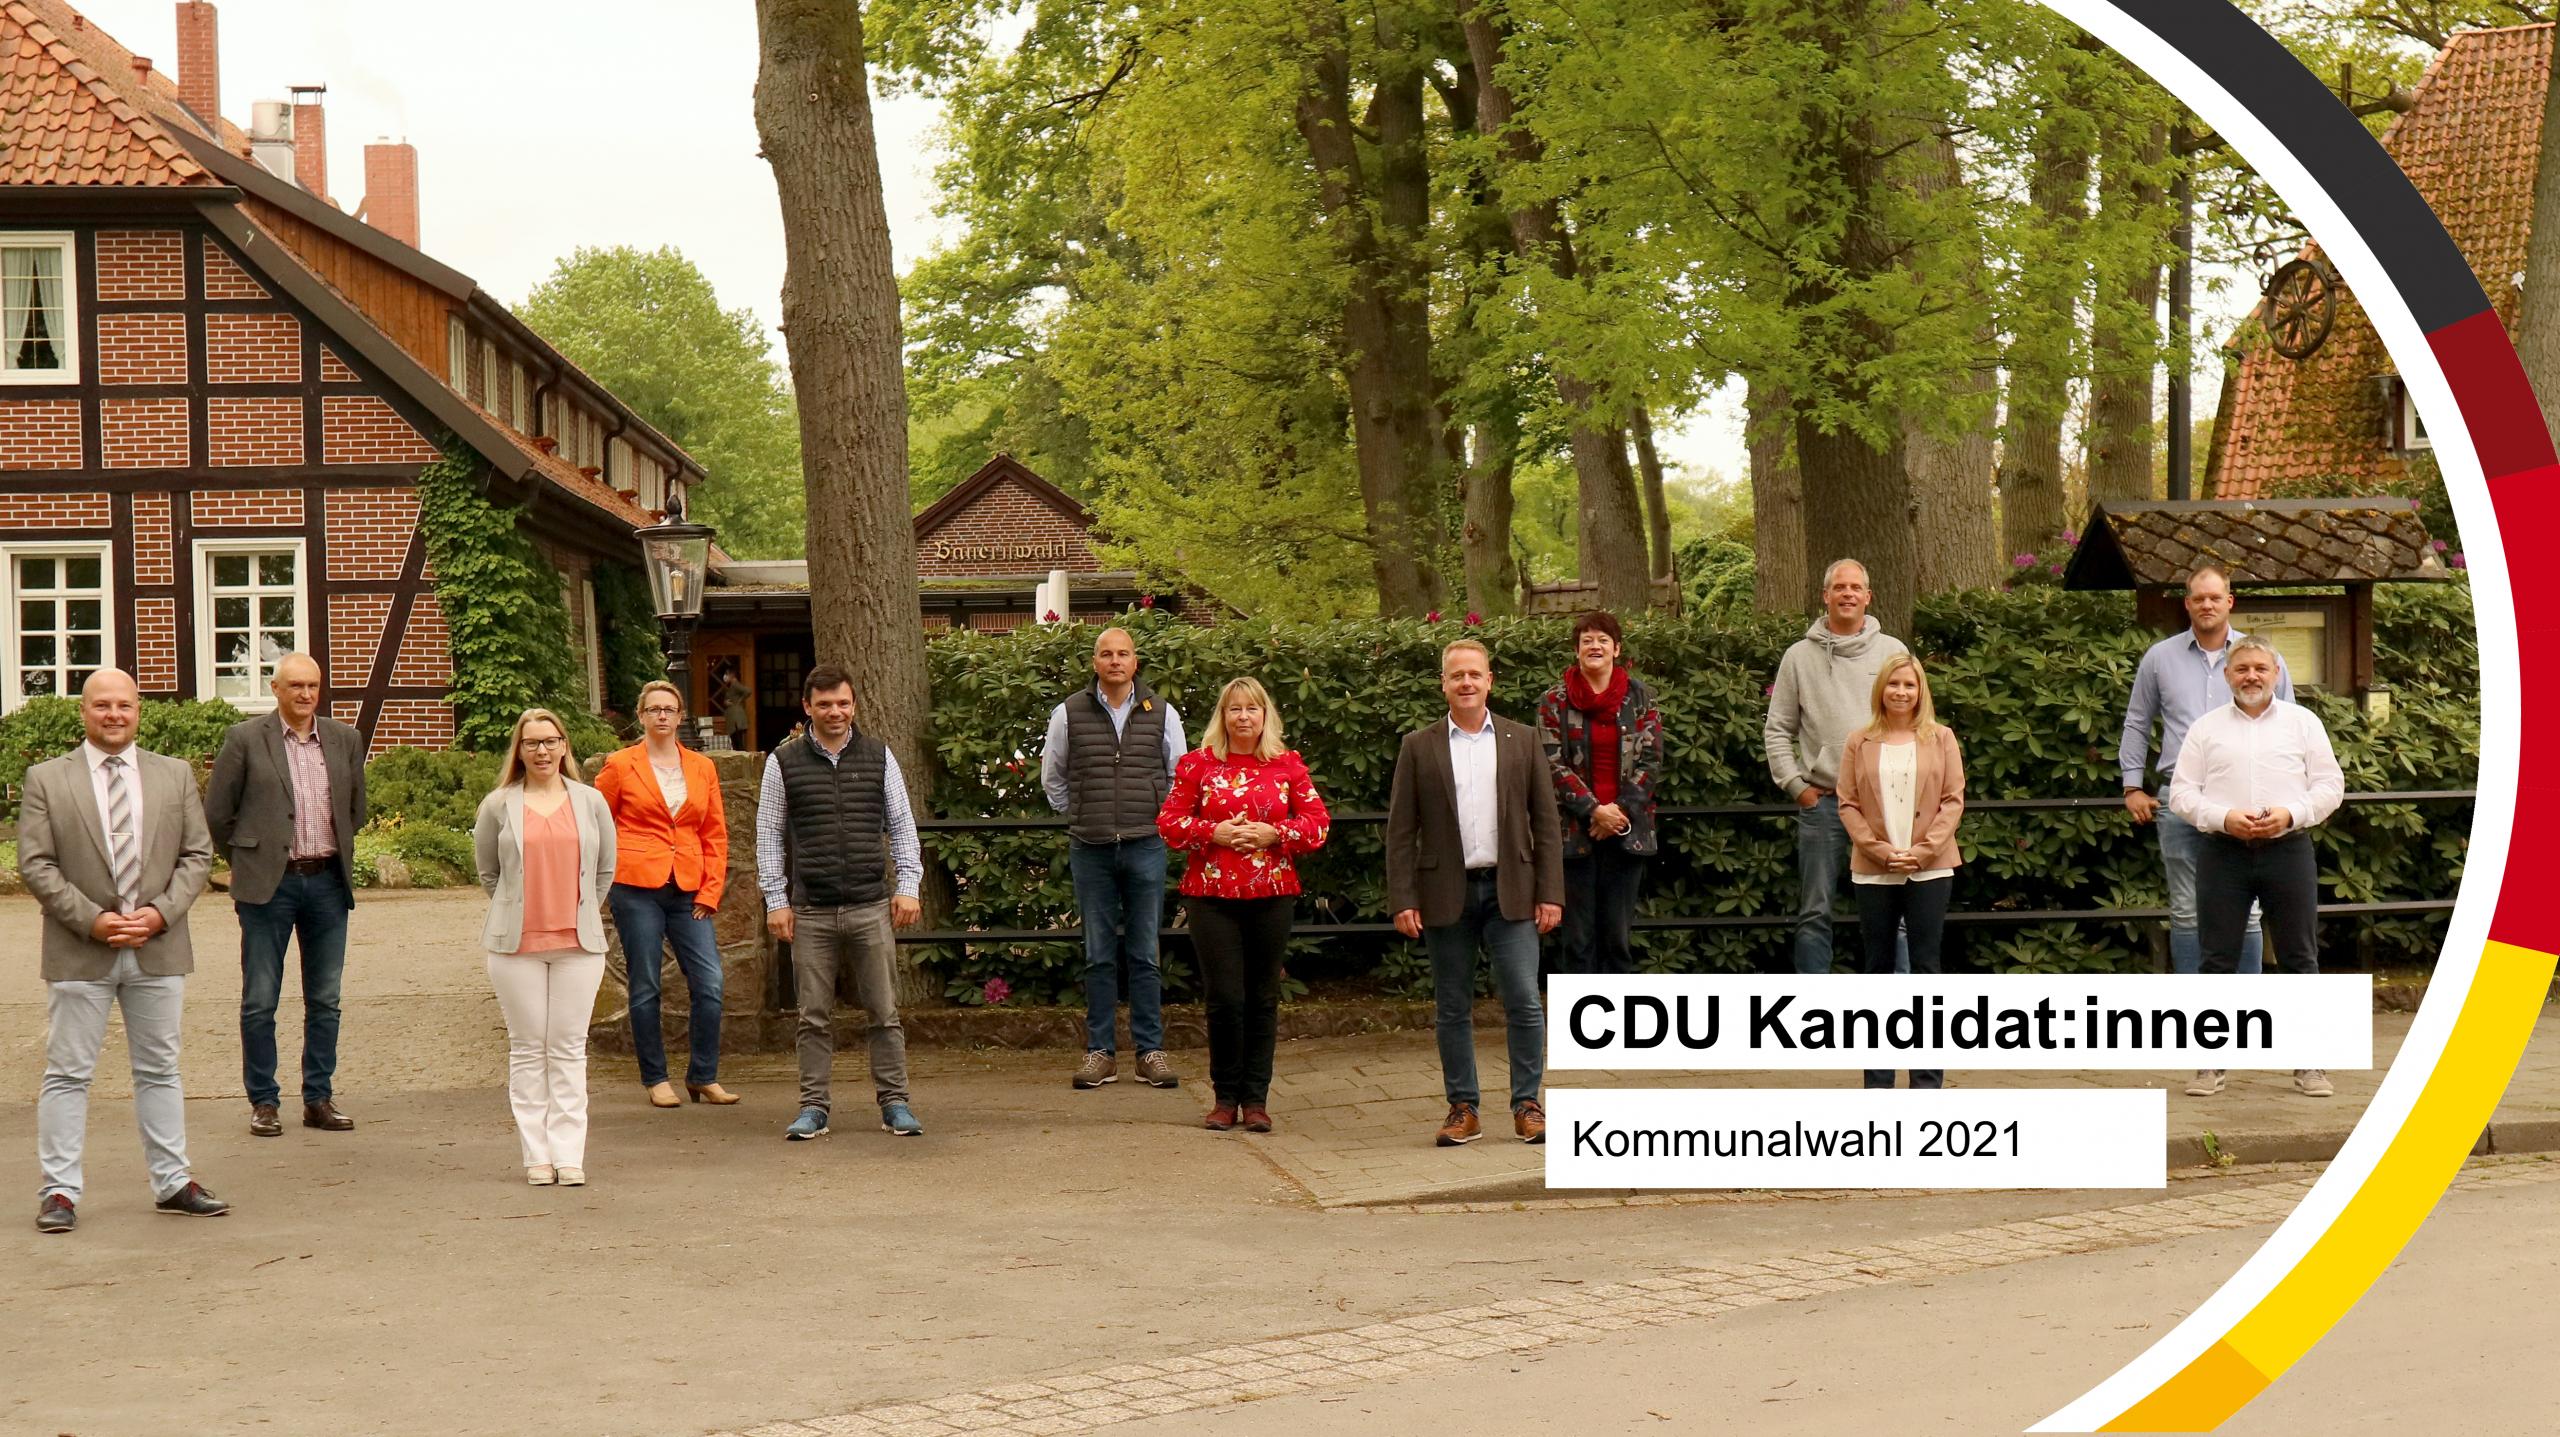 CDU Kandidat:innen Kommunalwahl 2021